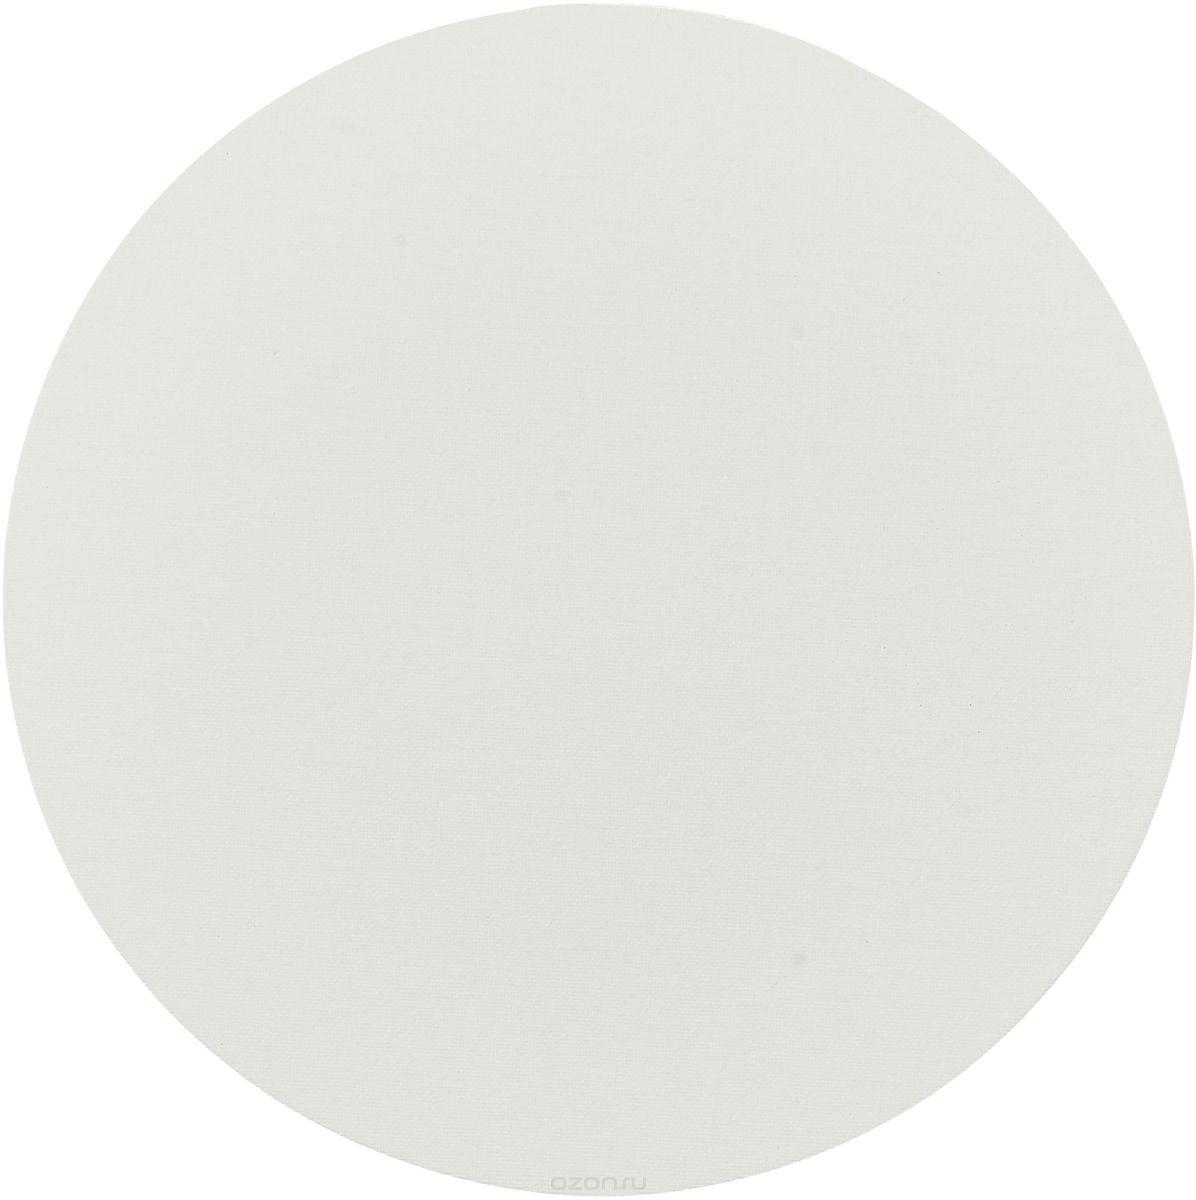 Холст Малевичъ на картоне круглый, диаметр 40 см